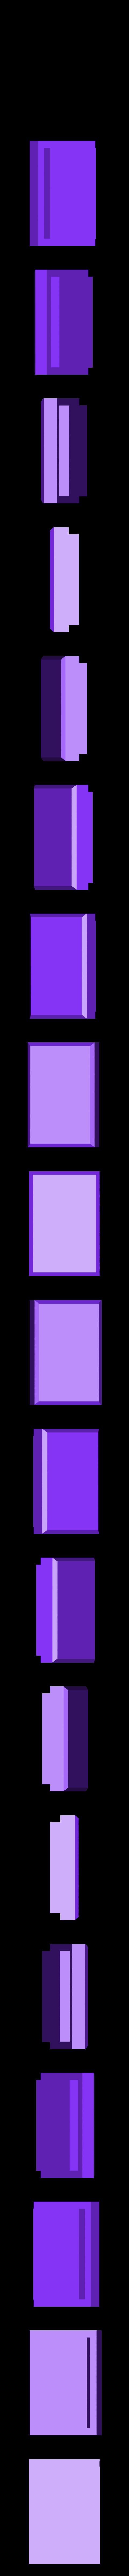 BlockBack10_01.stl Download STL file Playing Card Tiles • Object to 3D print, Jinja